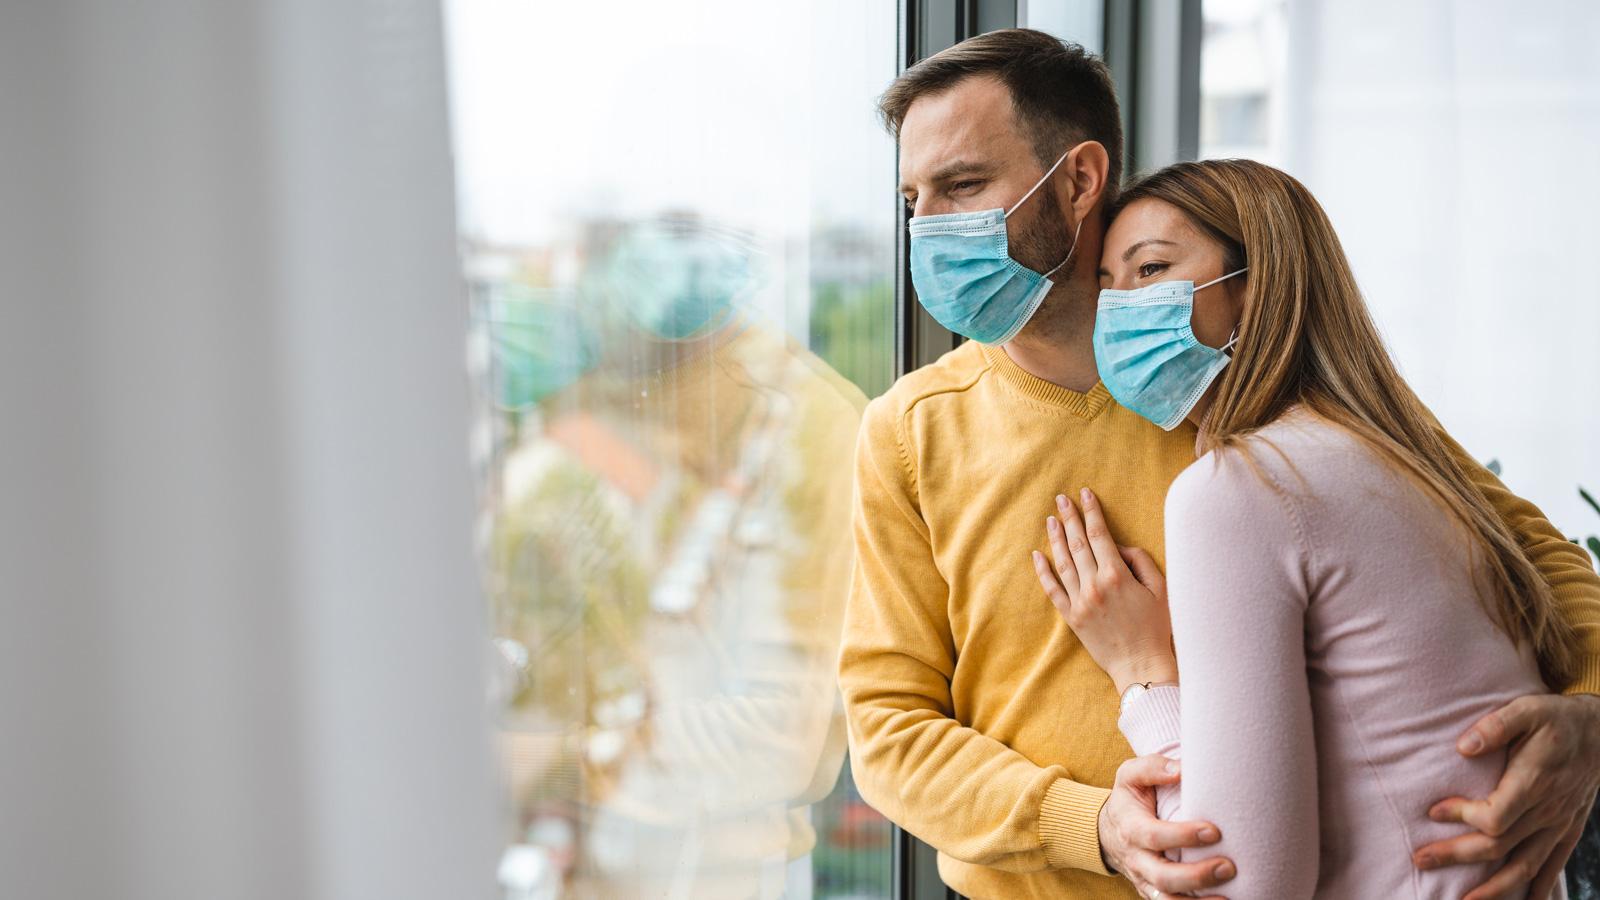 Jak Polacy odnajdują się podczas pandemii. Wyniki sondy Polacy mediarun para pandemia czas 2020